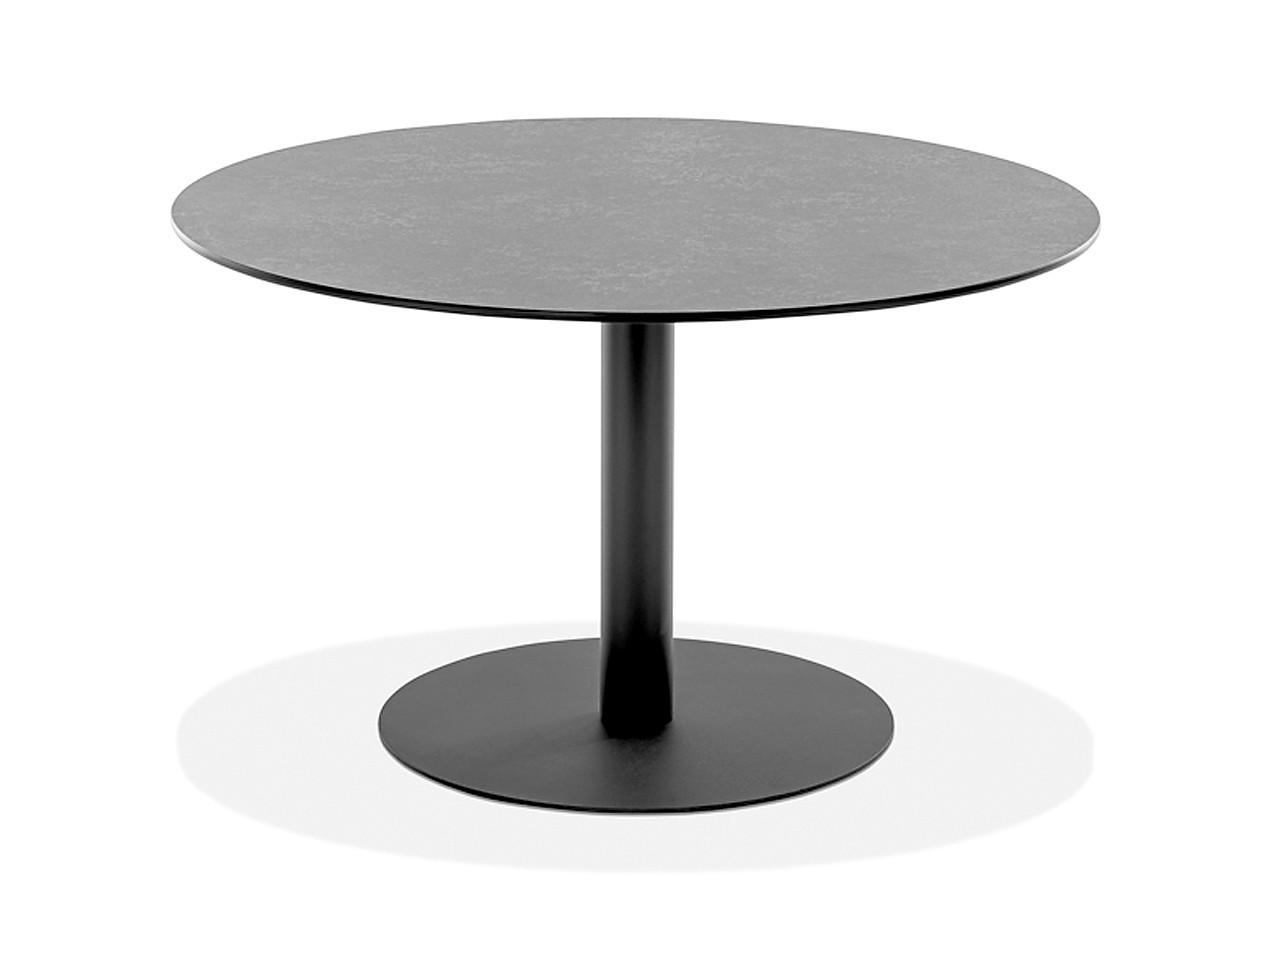 Niehoff Gartentisch Bistro rund G520.006.095 Durchmesser 95 cm Granit Stahl verzinkt